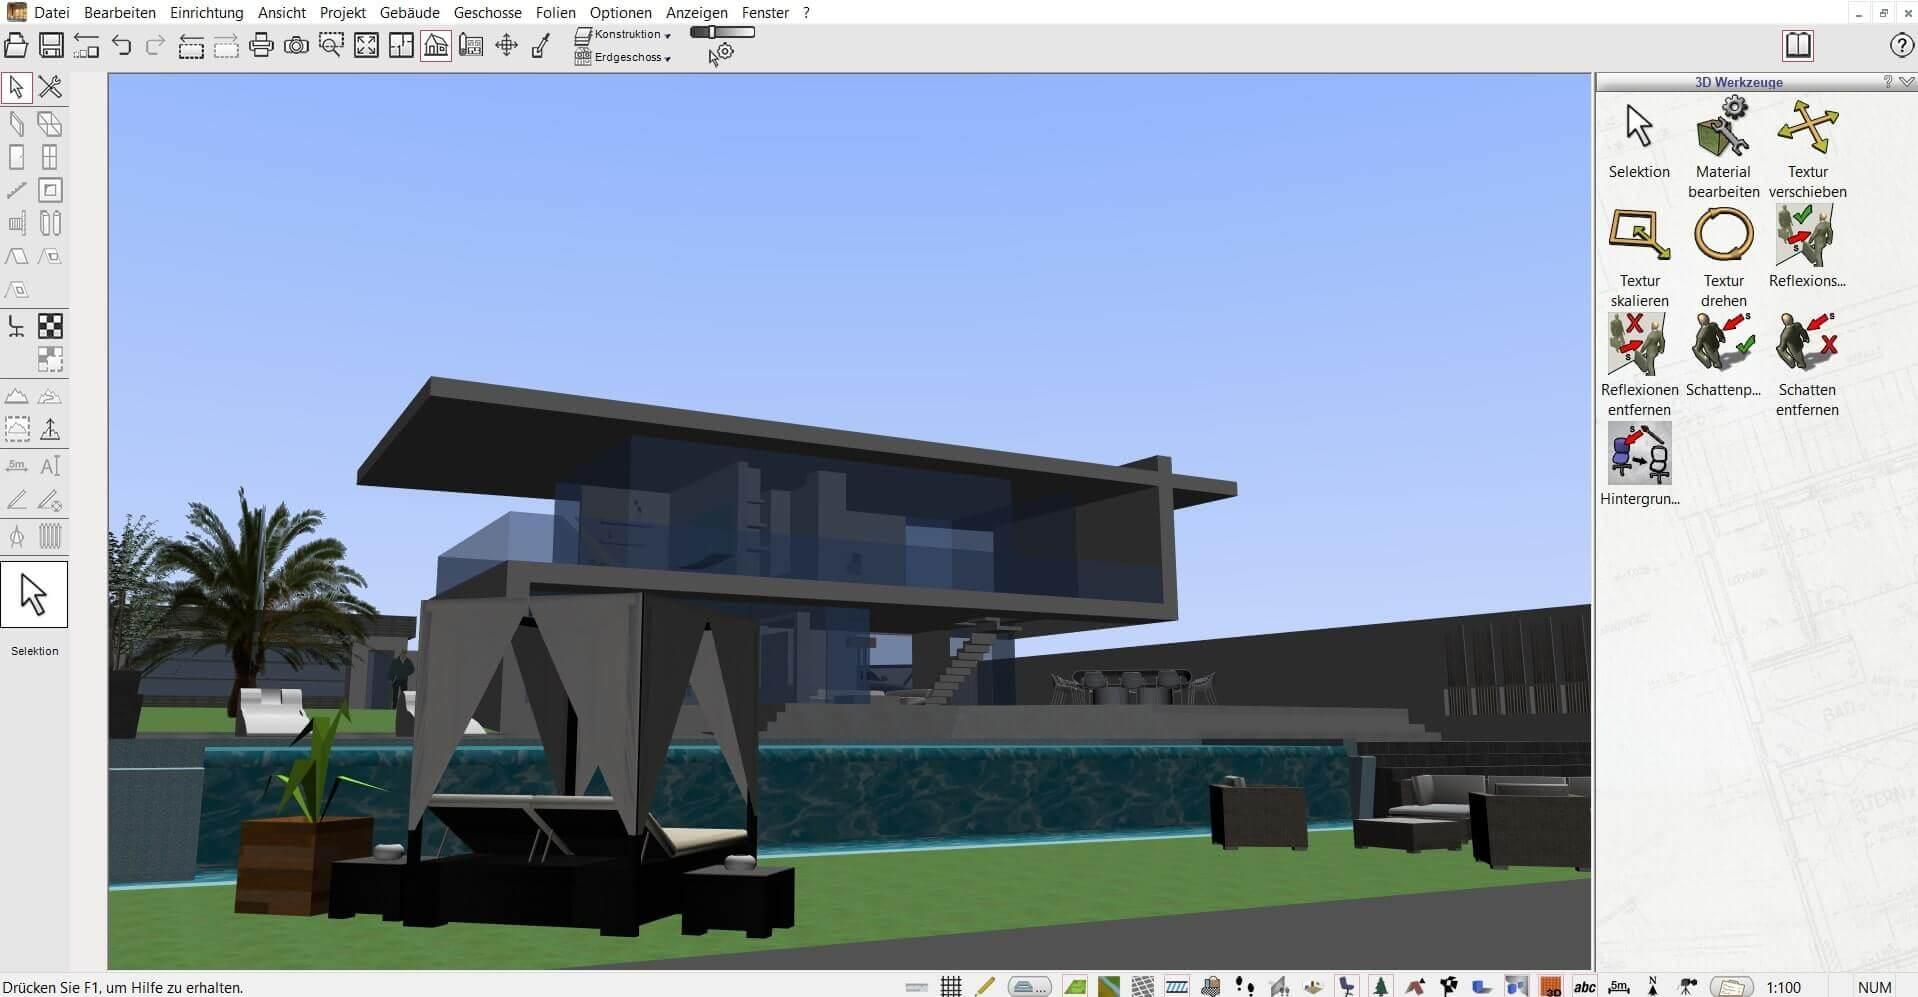 Wohnung selber planen mit Wohnungsplaner Software / Programm